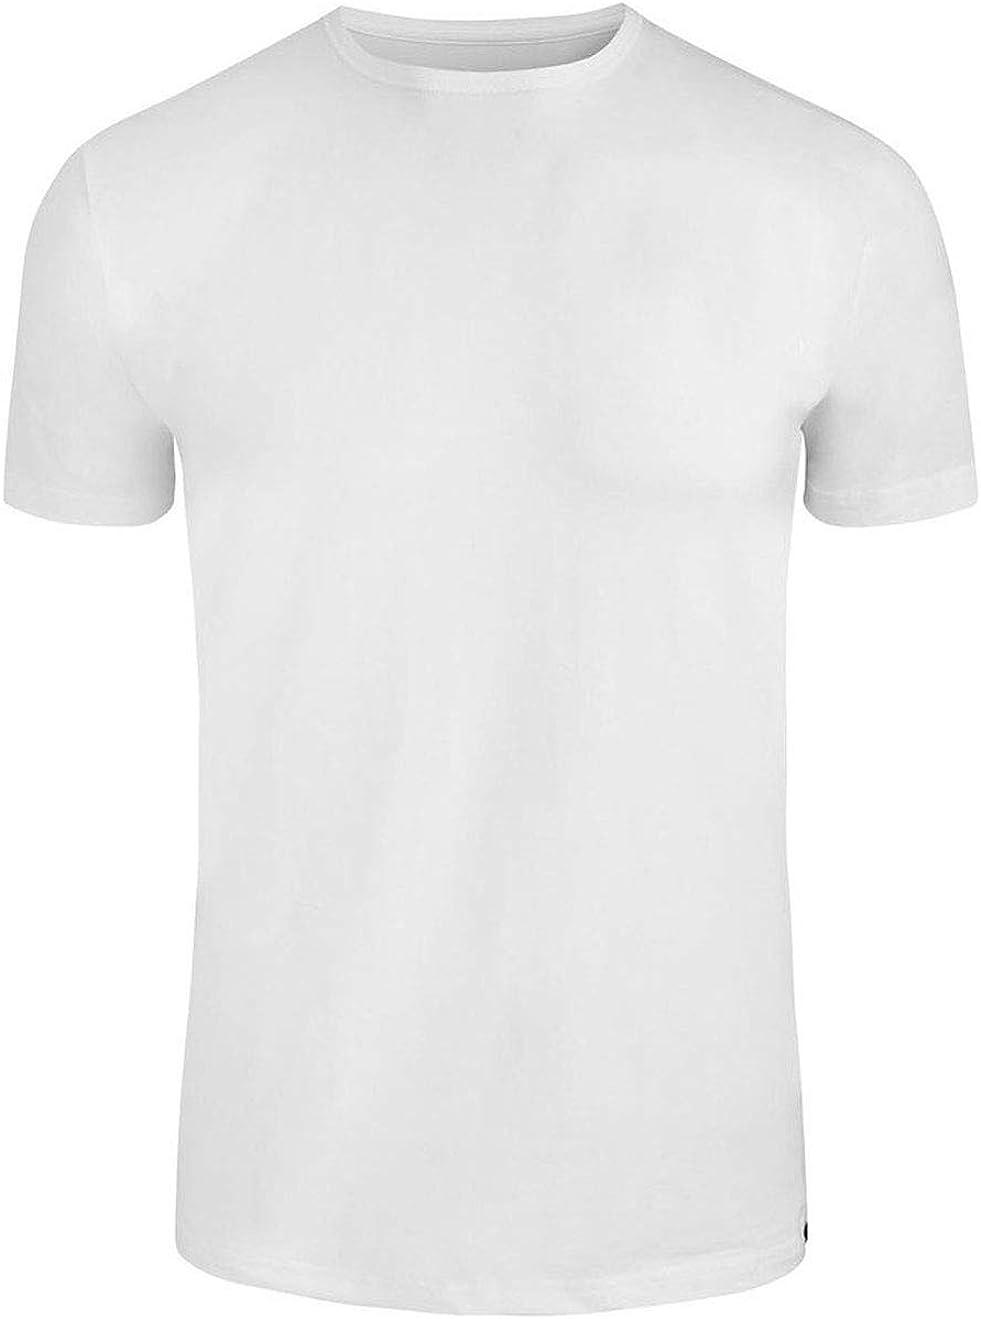 Jockey Mens Modern Stretch Cotton-Lycra T-Shirt-Vest